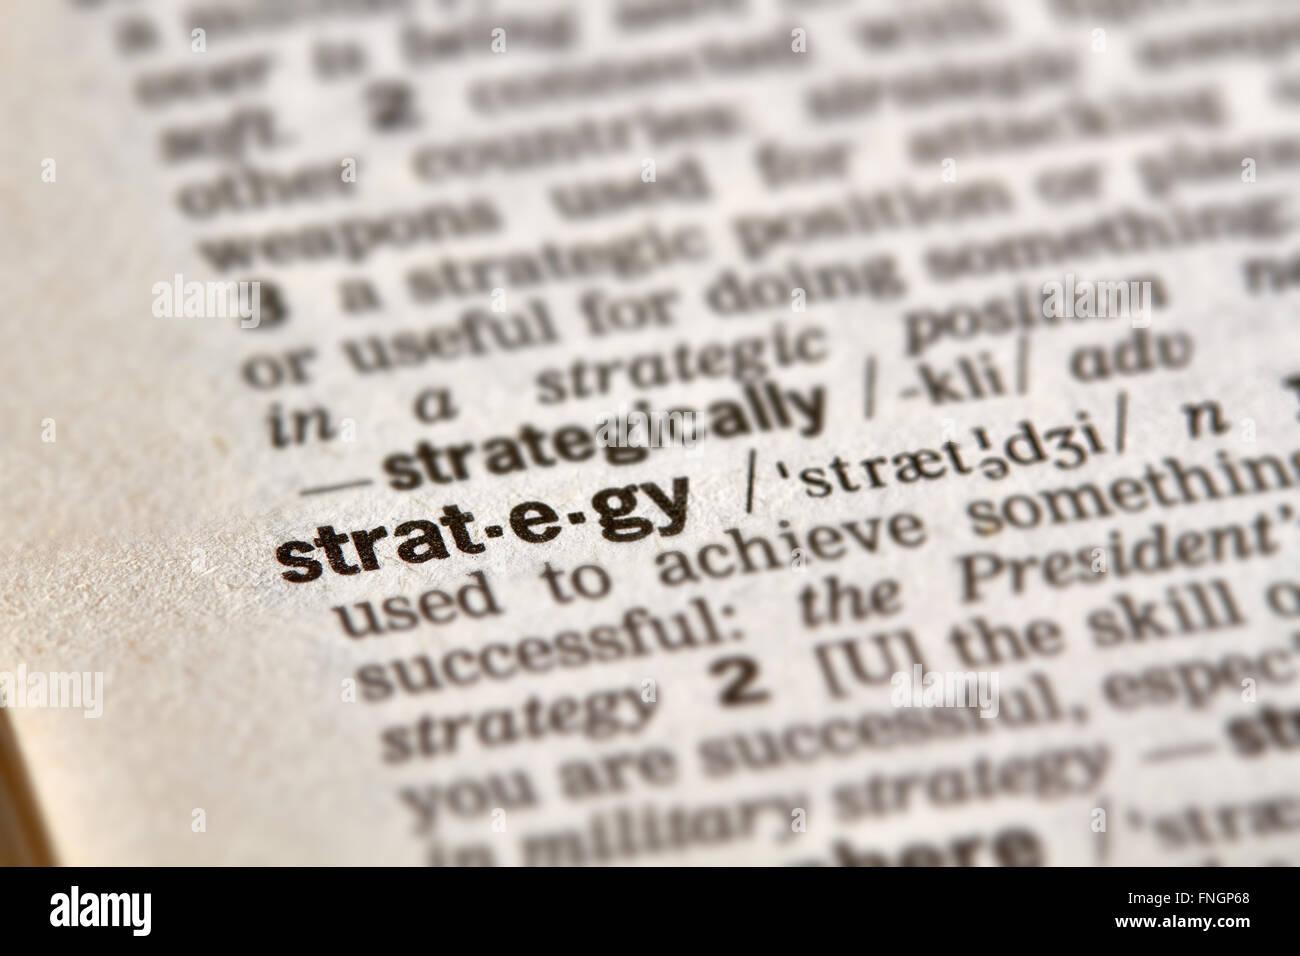 Strategia Parola Definizione testo nella pagina del dizionario Immagini Stock